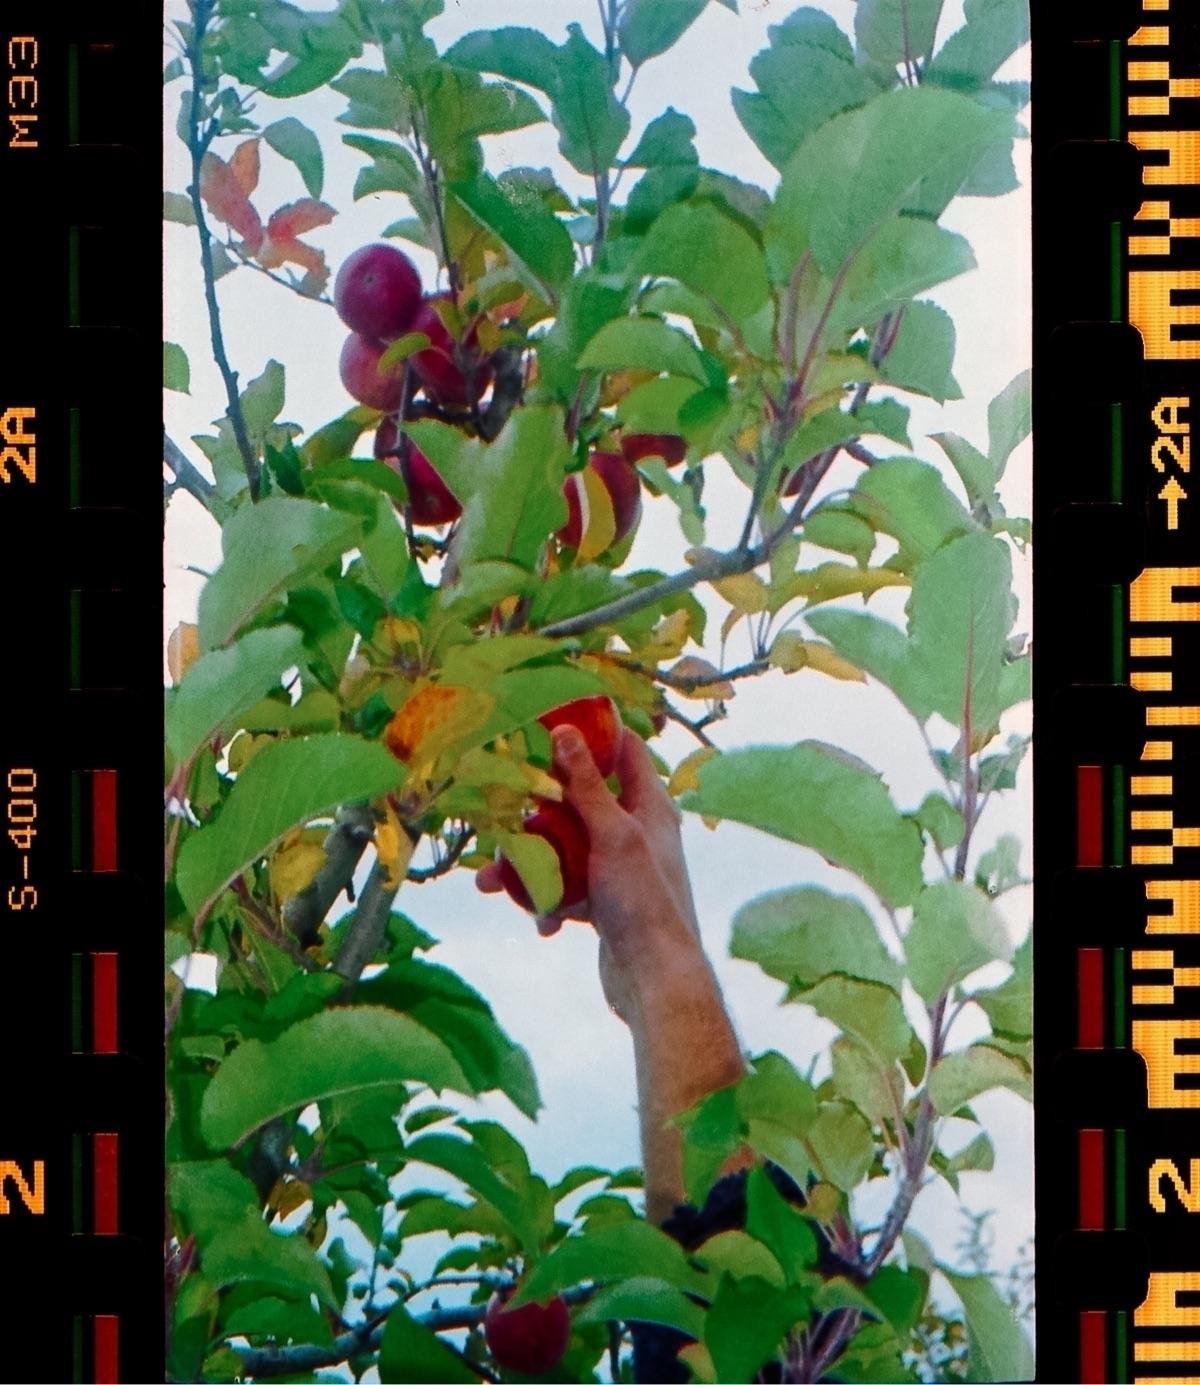 Gardens - 35mm, fujisuperia400 - icvrus | ello